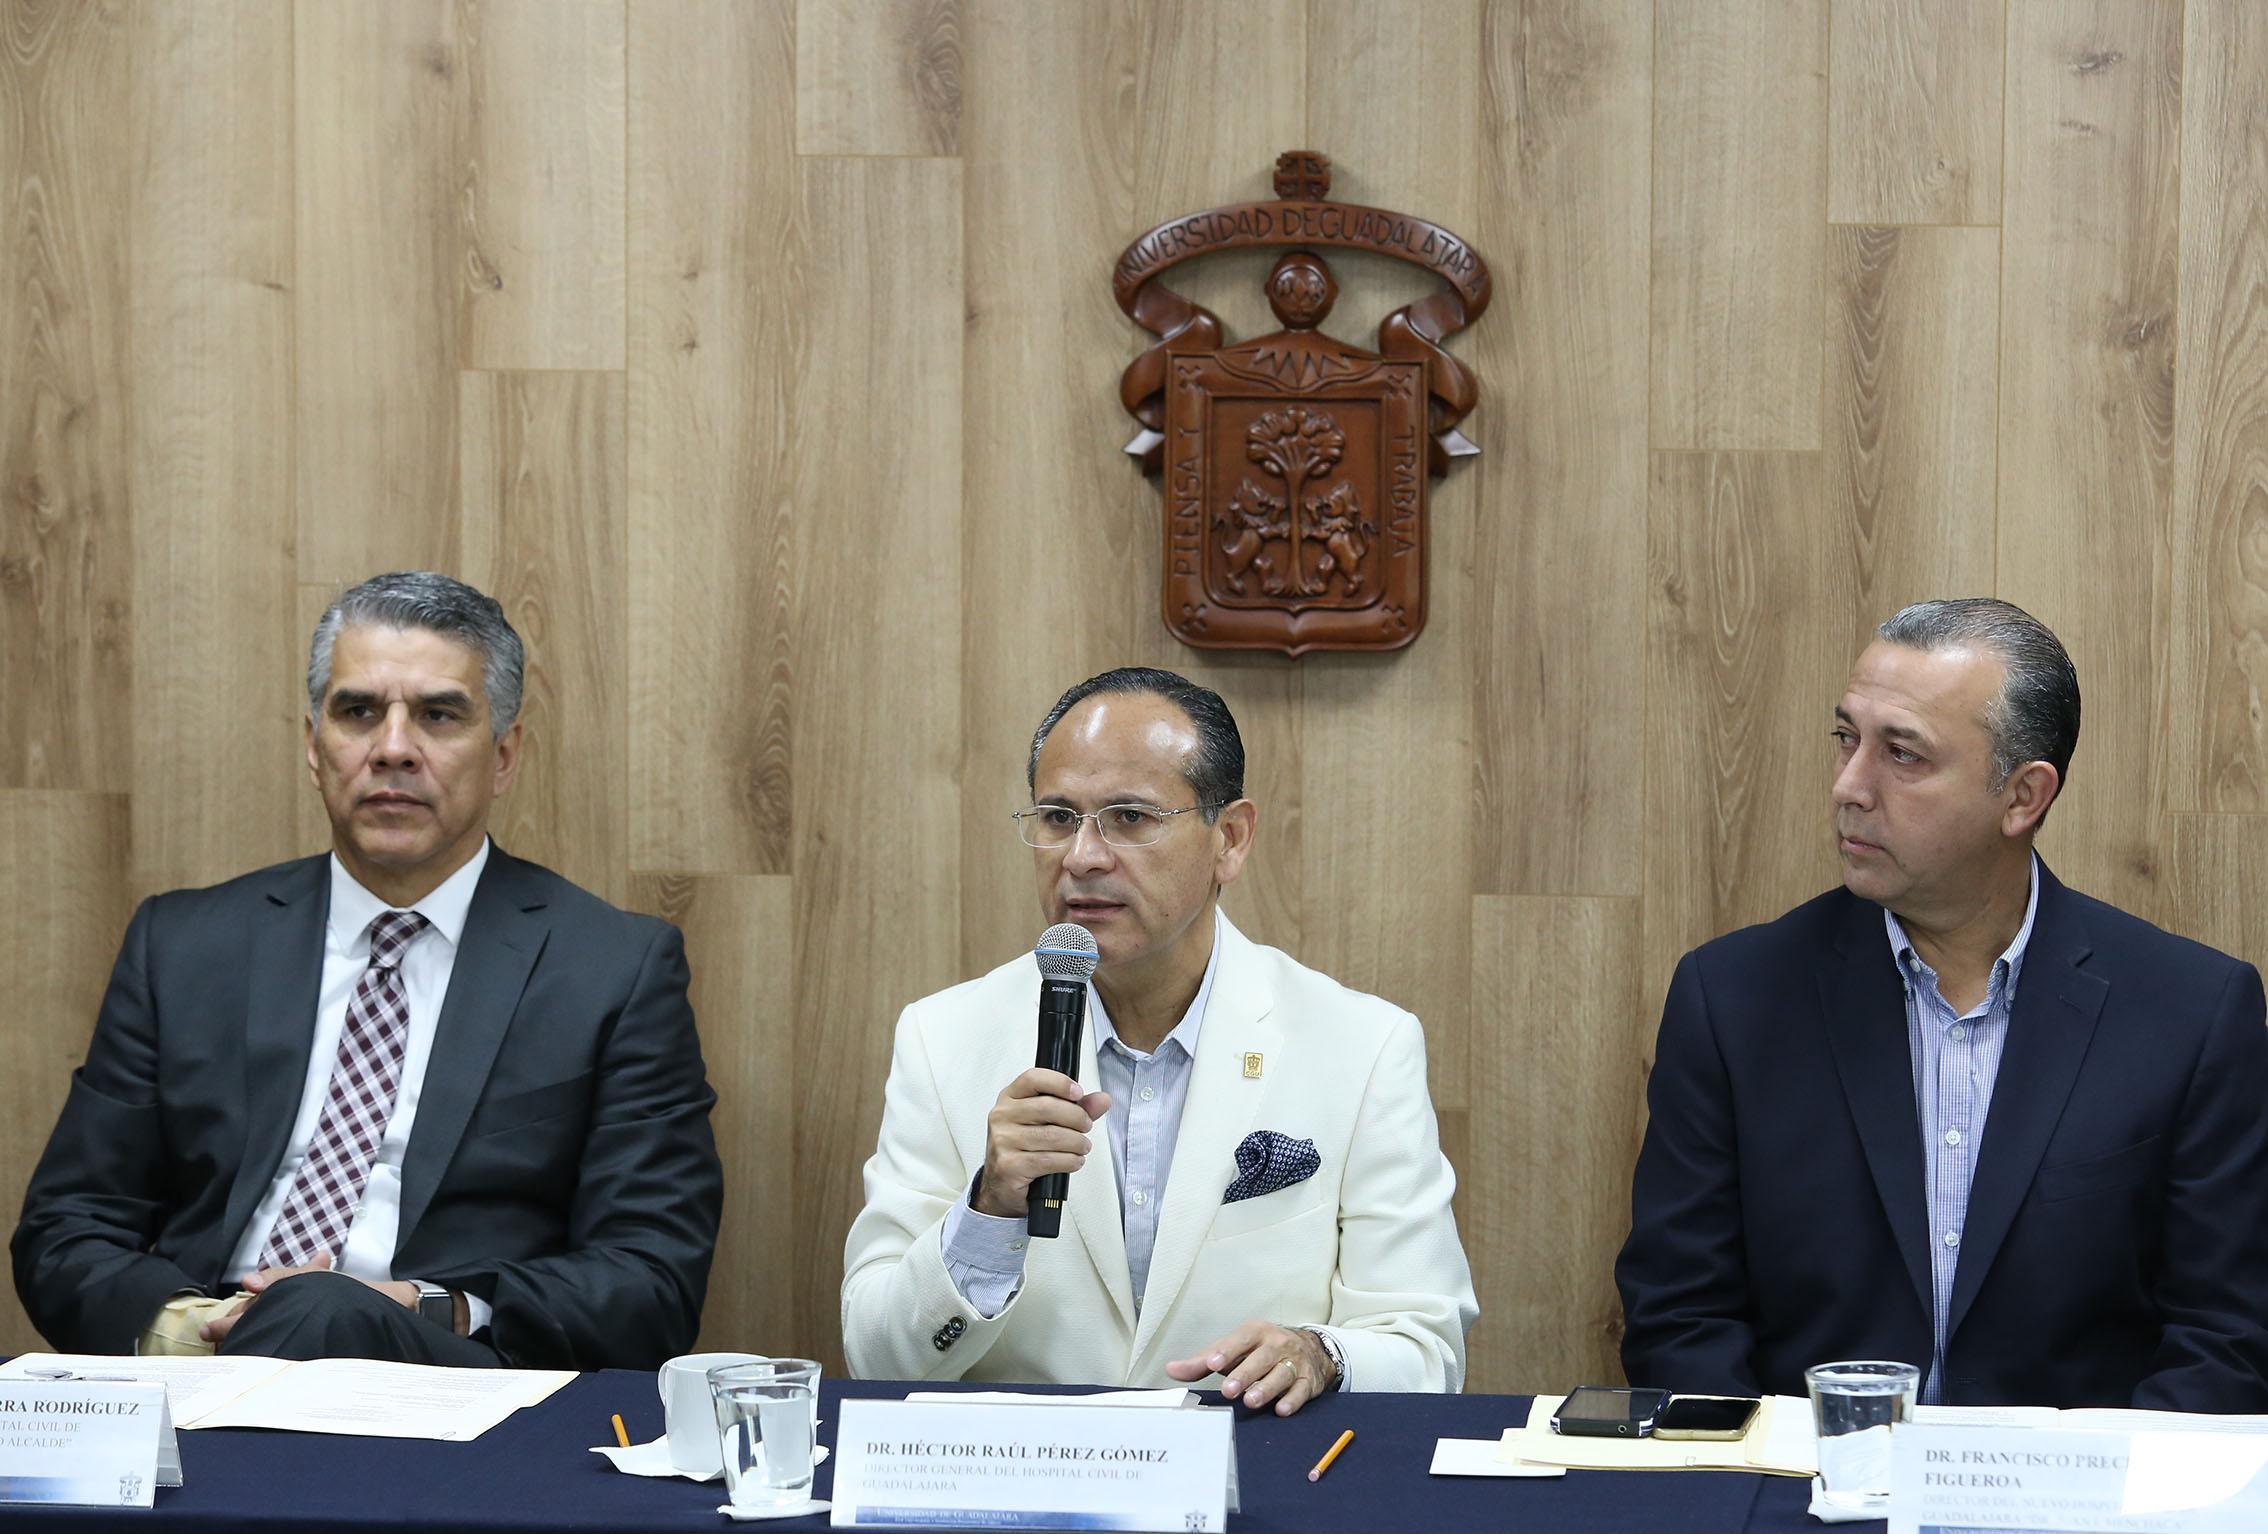 El doctor Héctor Raúl Pérez Gómez hablando al microfono  con dos medicos sentados en ambos lados de la mesa